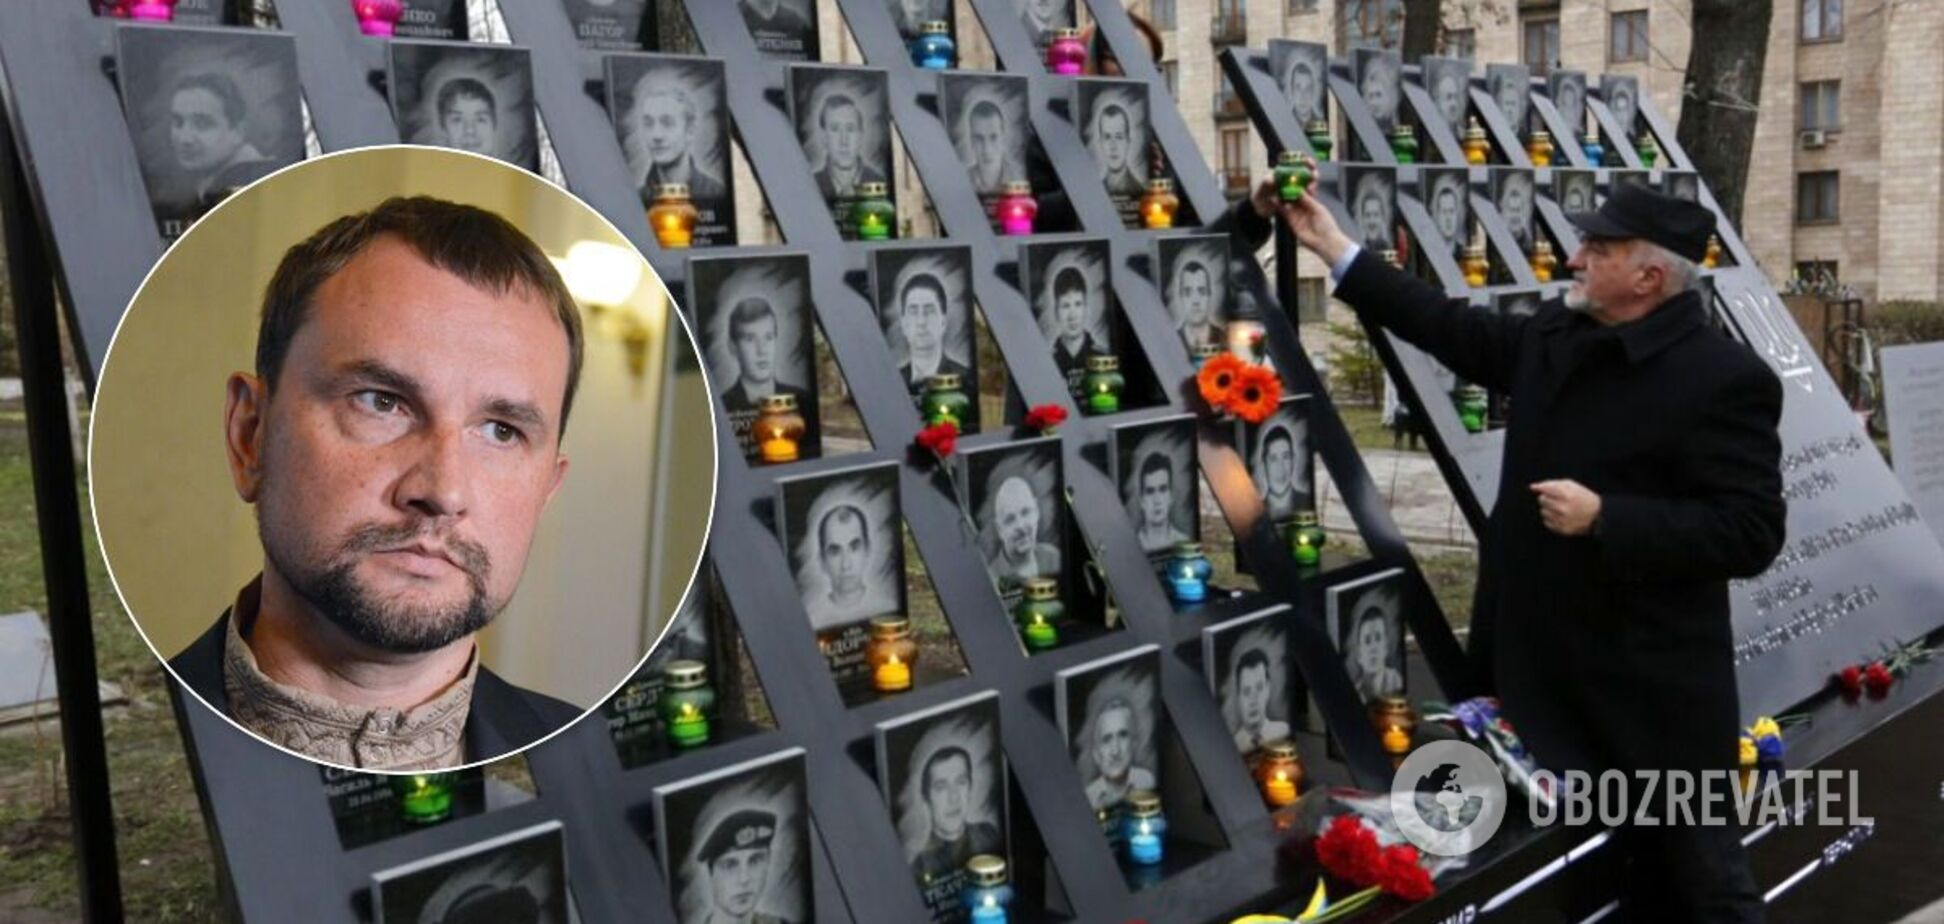 МеморіалнаАлеї Героїв Небесної Сотні не встановили через рішення суду,– В'ятрович